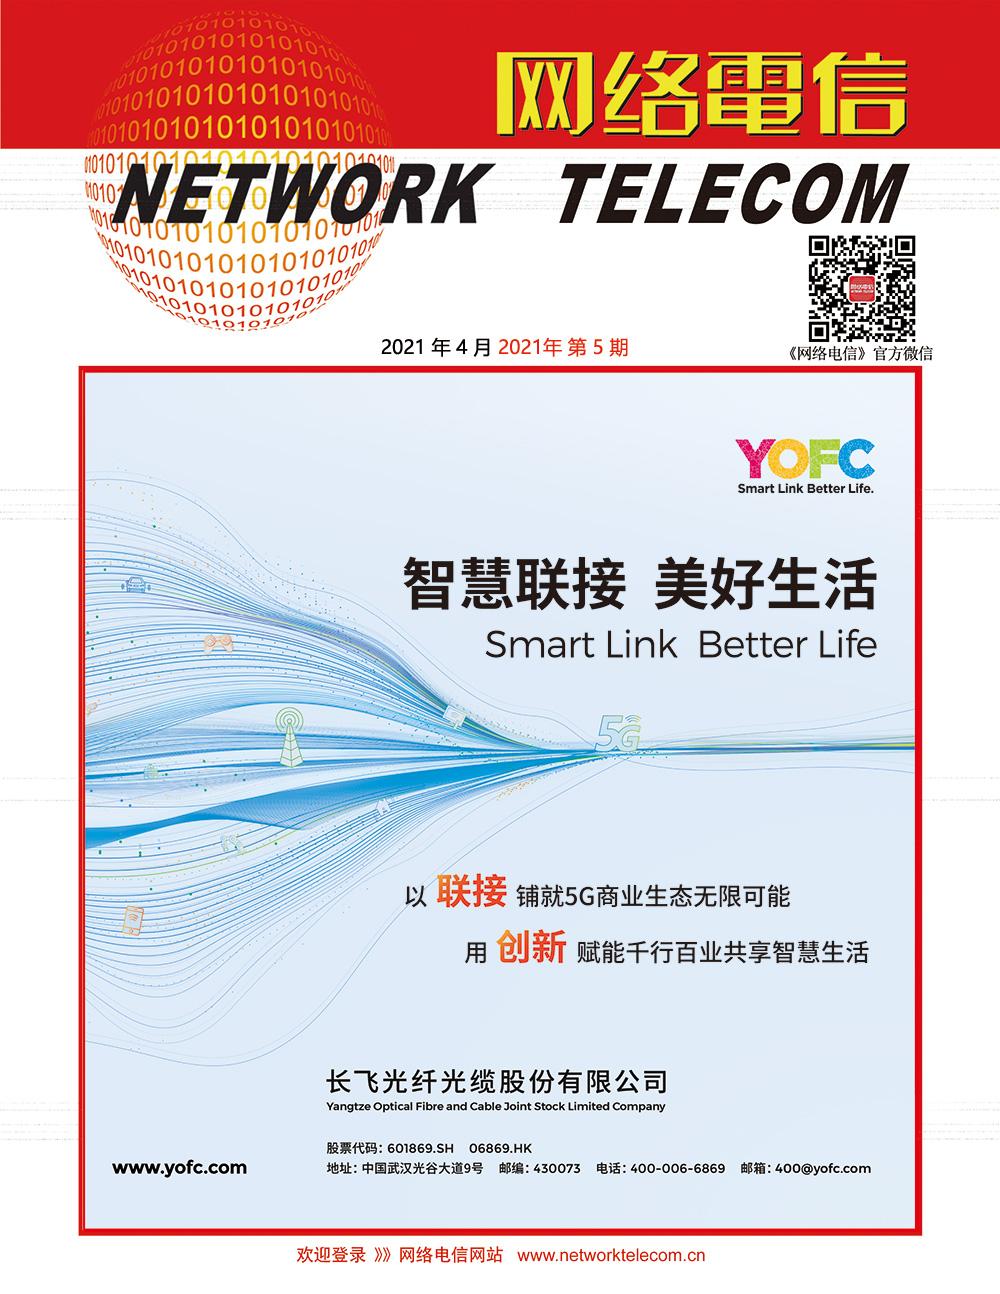 《网络电信》微杂志——2021年4月刊上